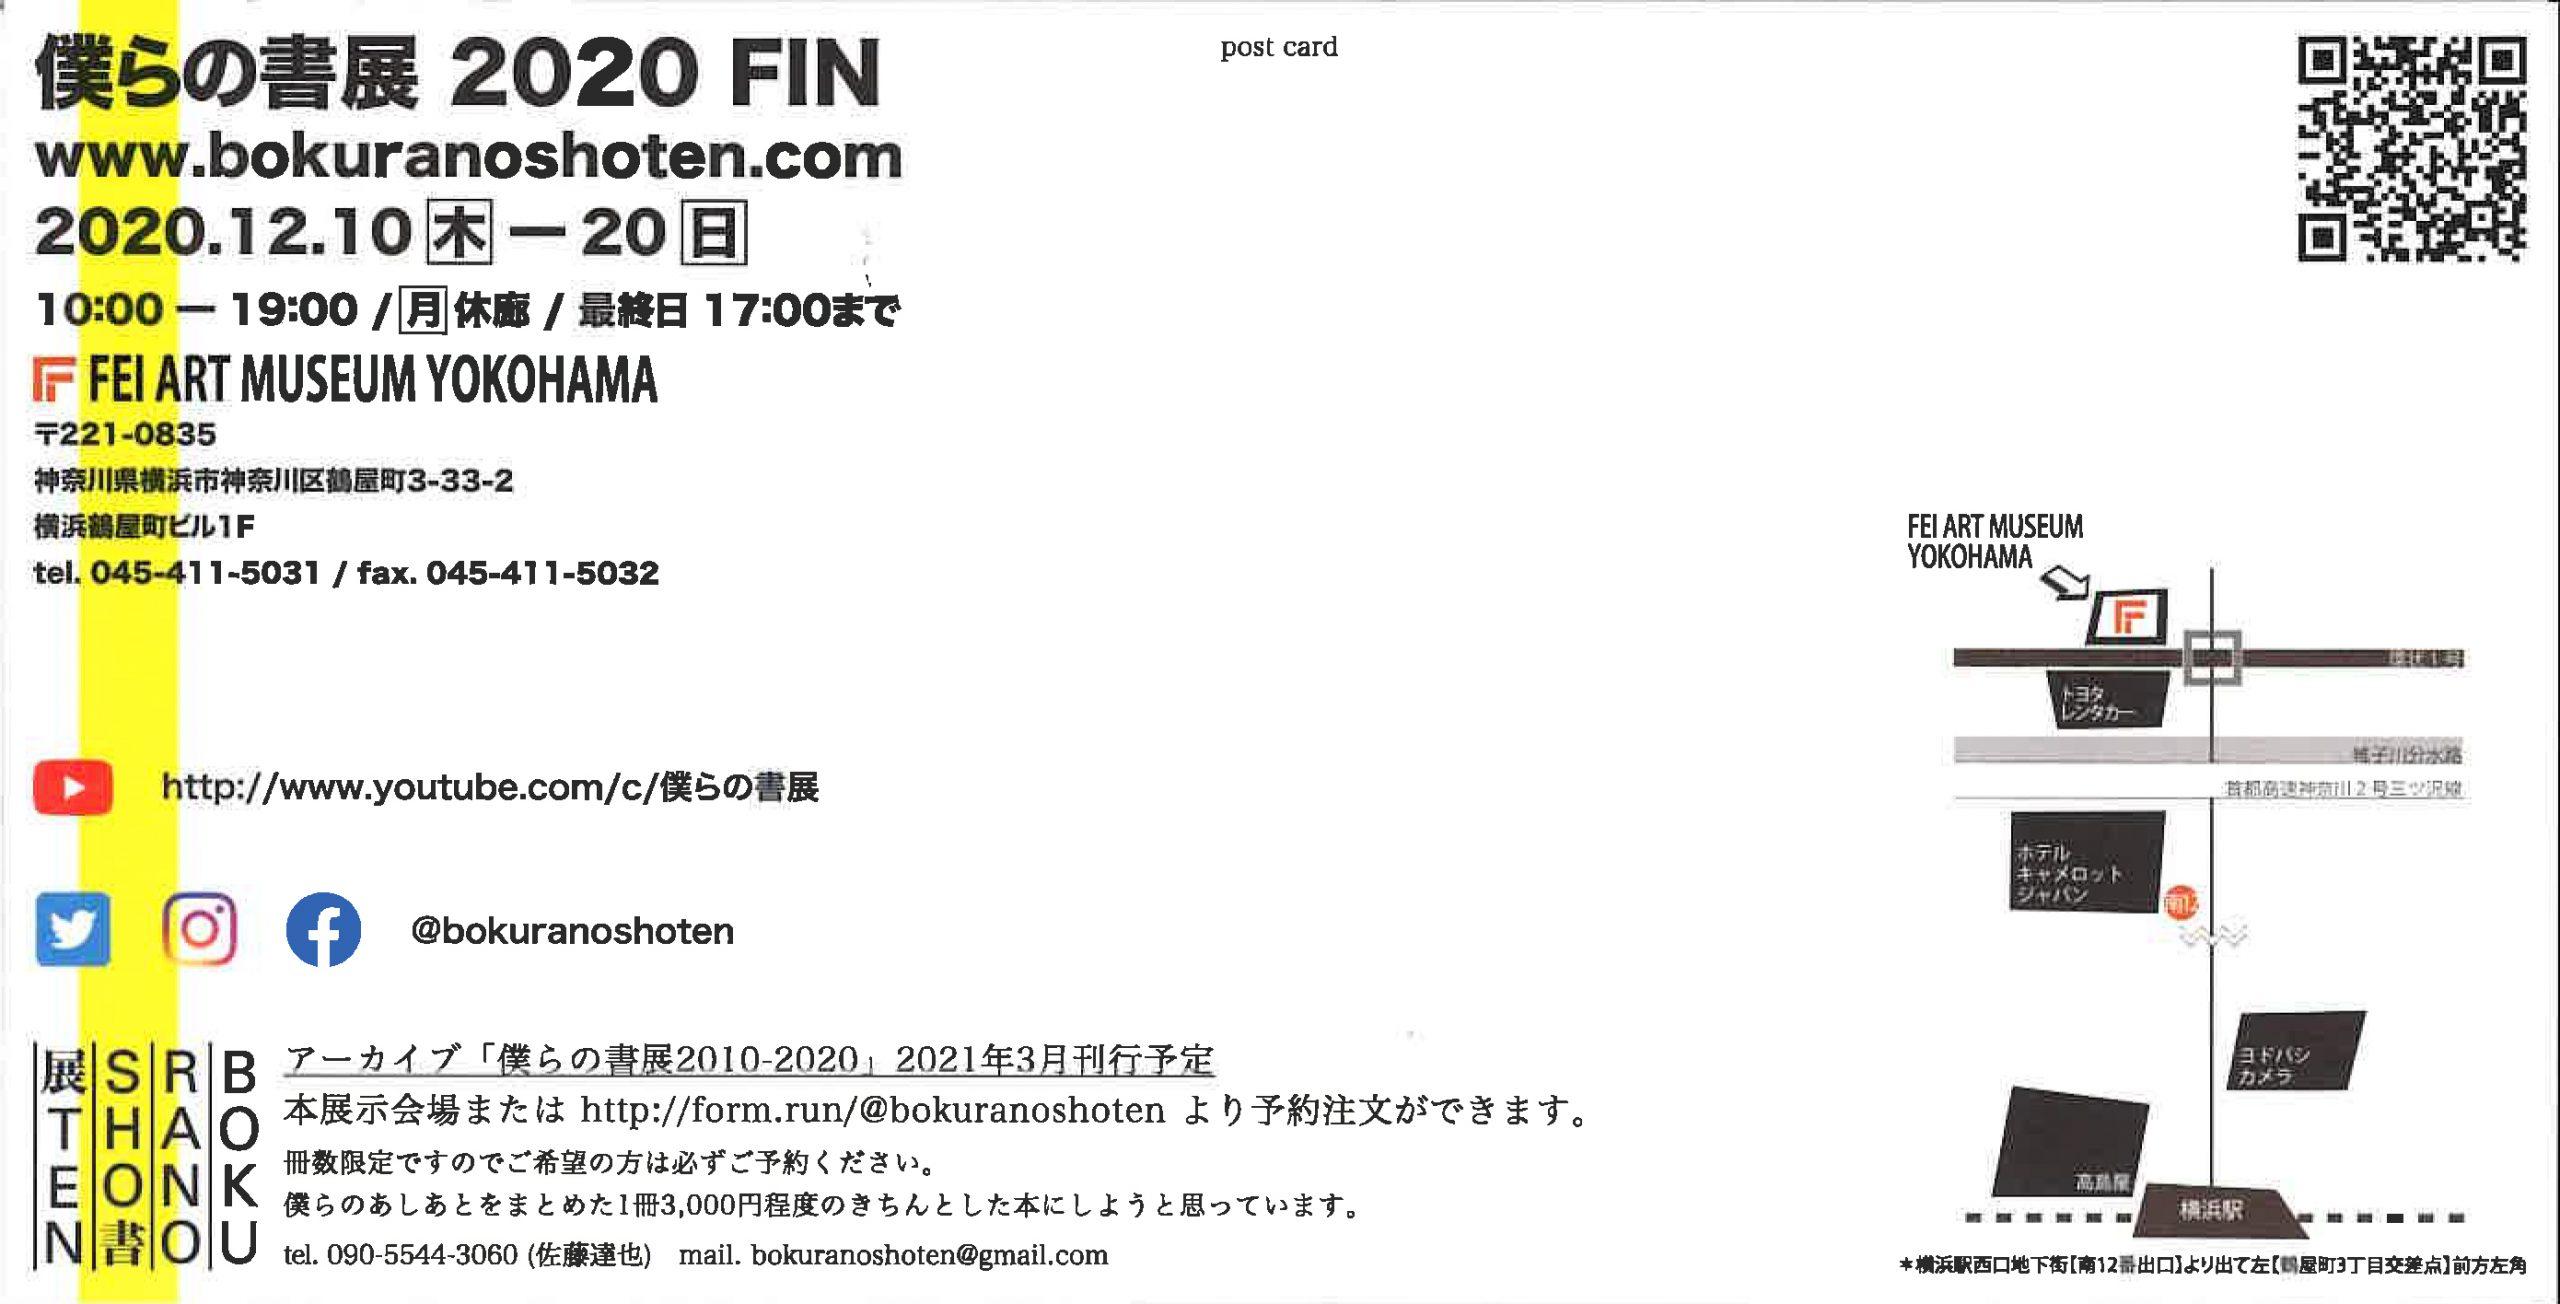 【展覧会情報】僕らの書展 2020FIN